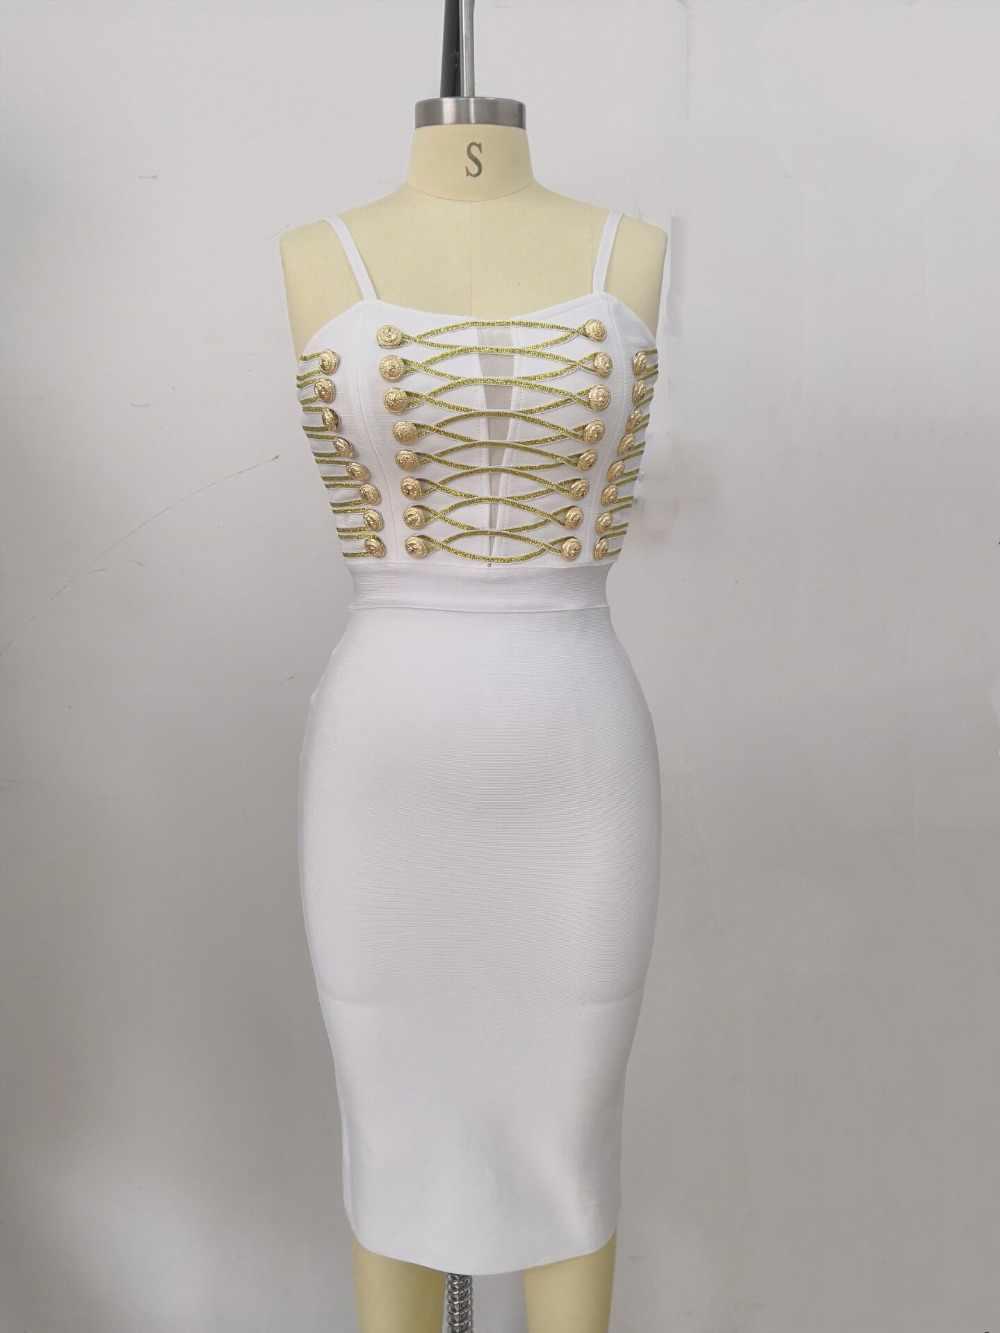 แฟชั่นคุณภาพยอดนิยมลื่นสีขาว Botton Bodycon เรยอนผ้าพันคอชุดราตรีชุดราตรีชุด